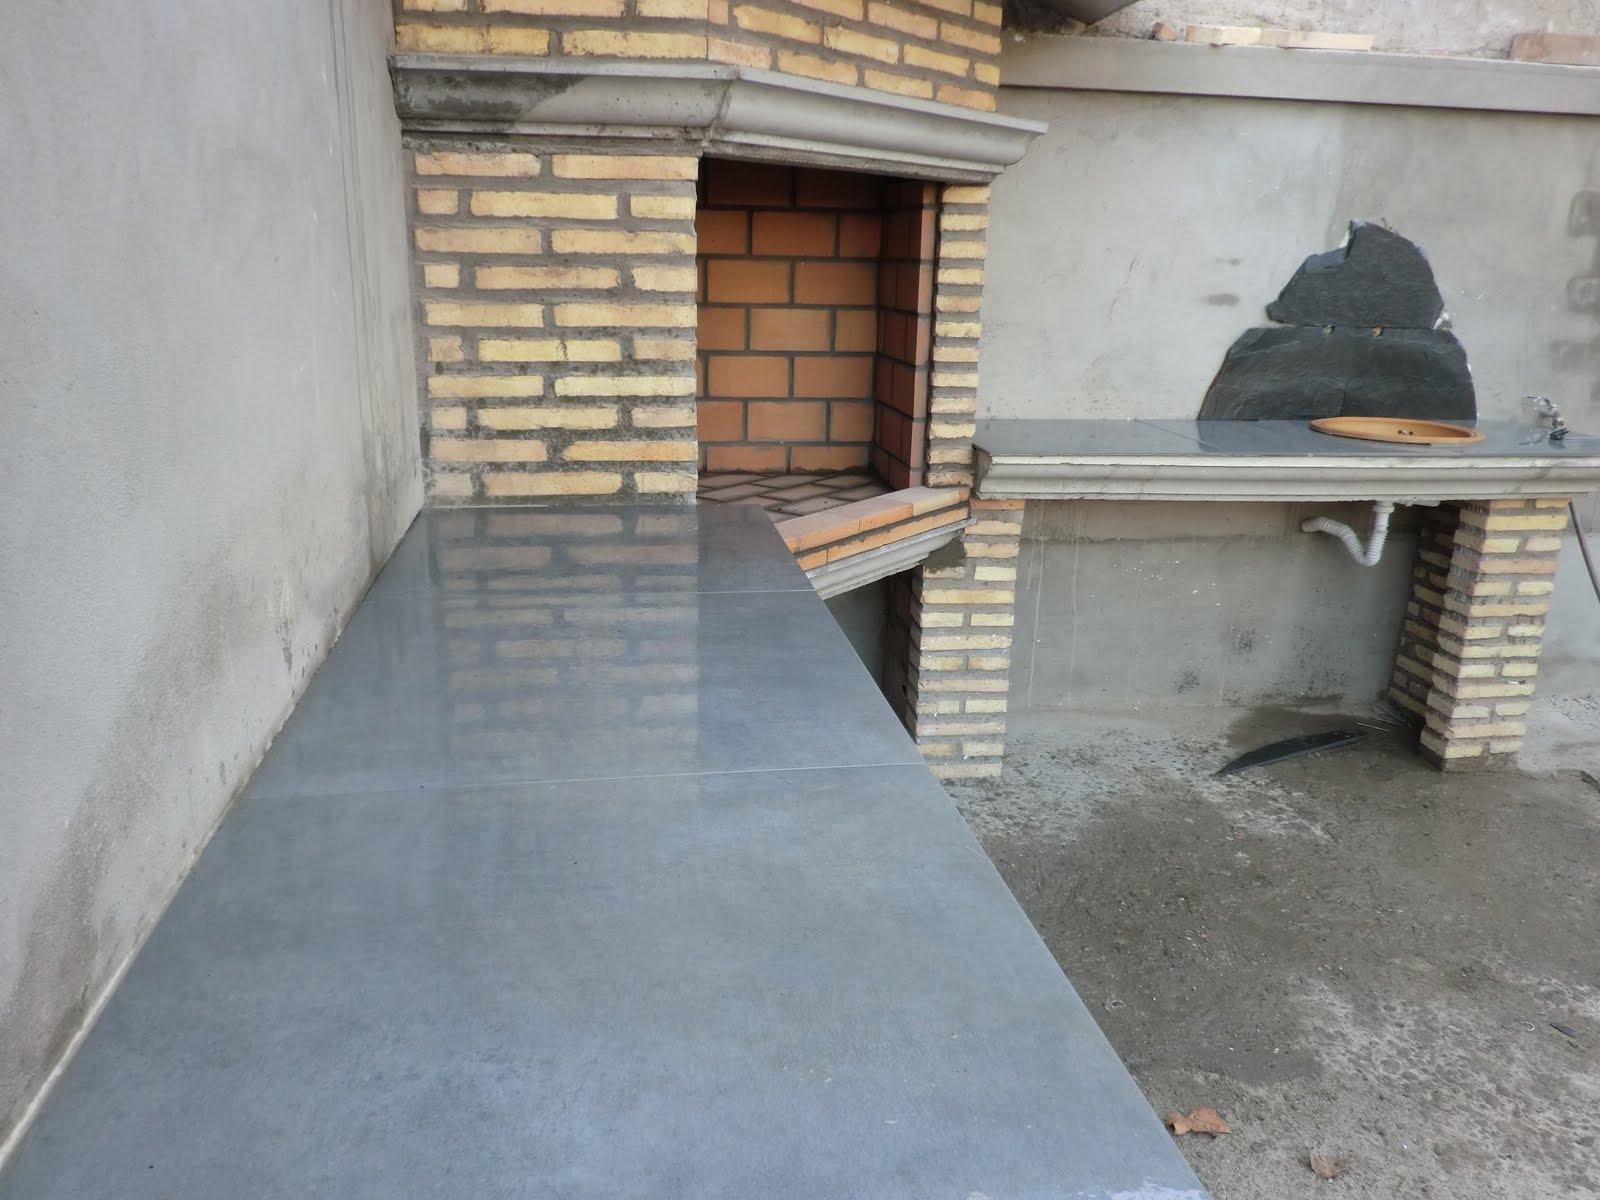 Coecu lepida sl chimenea de obra exterior - Chimeneas de exterior ...